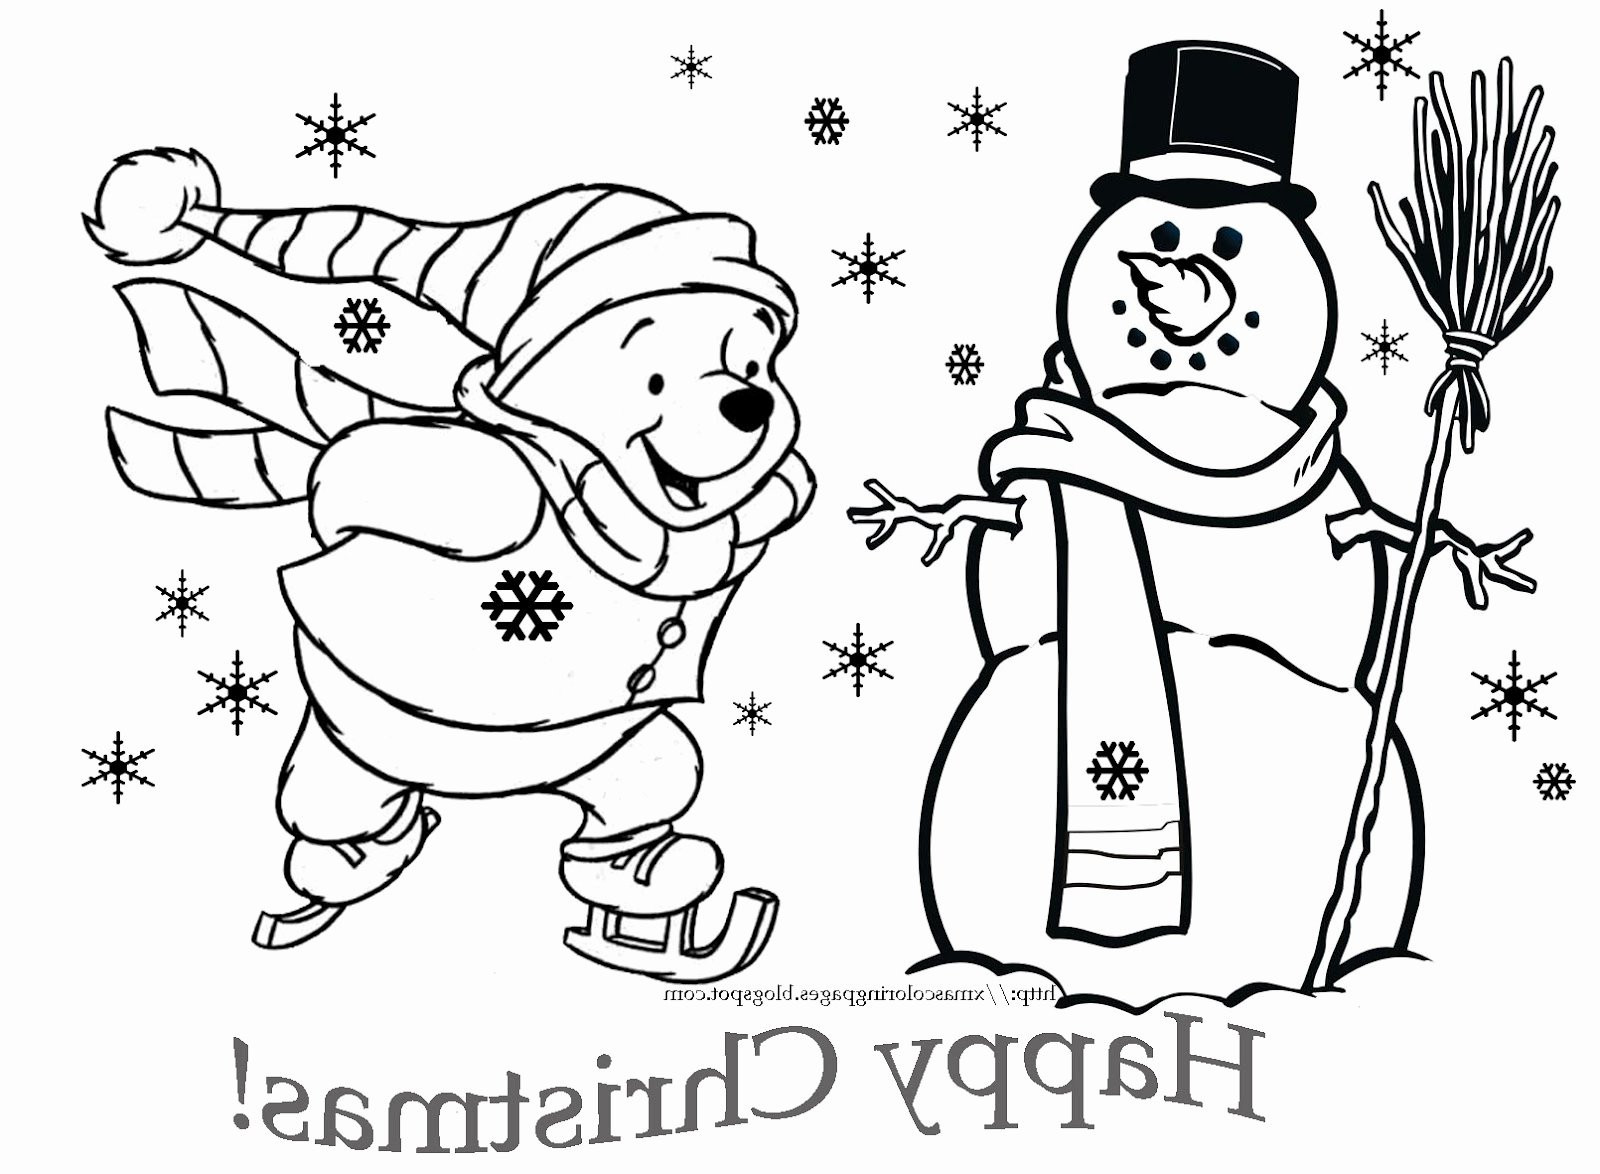 Winni Pooh Ausmalbilder Frisch 30 Beste Von Weihnachts Ausmalbilder – Malvorlagen Ideen Galerie